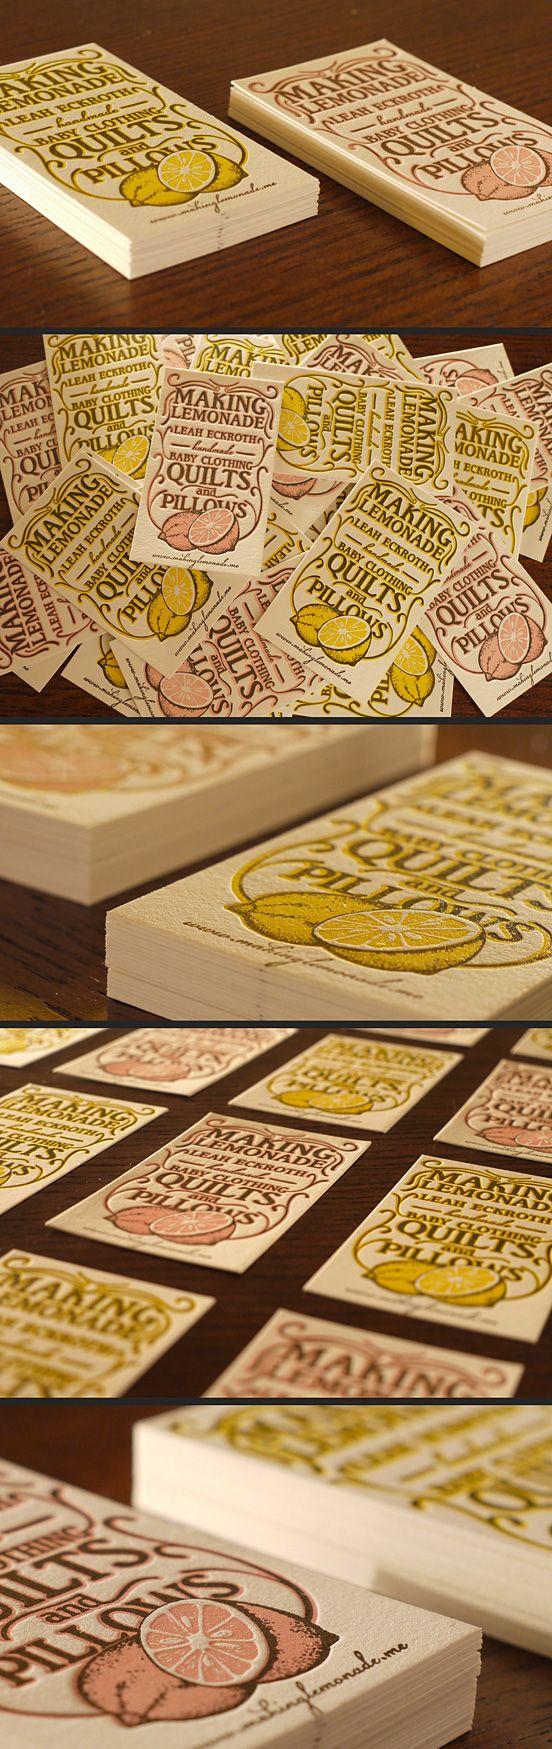 lemonade business cards l1 25 Illustration Based Business Card Designs